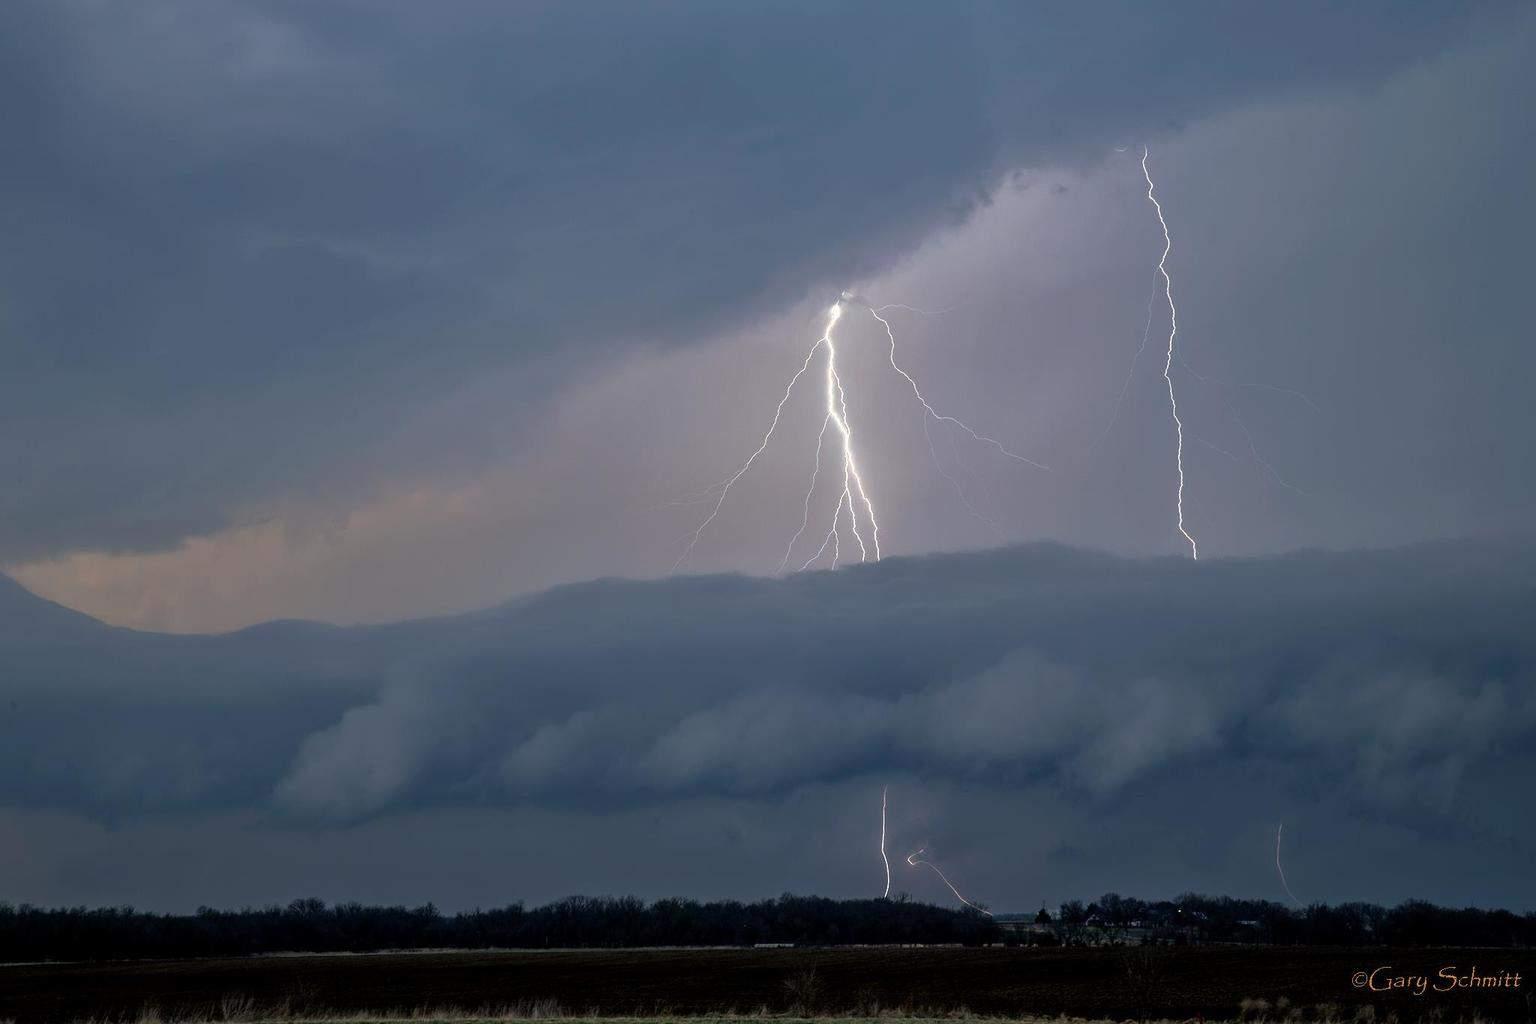 Chanute Ks. lightning last April 2014